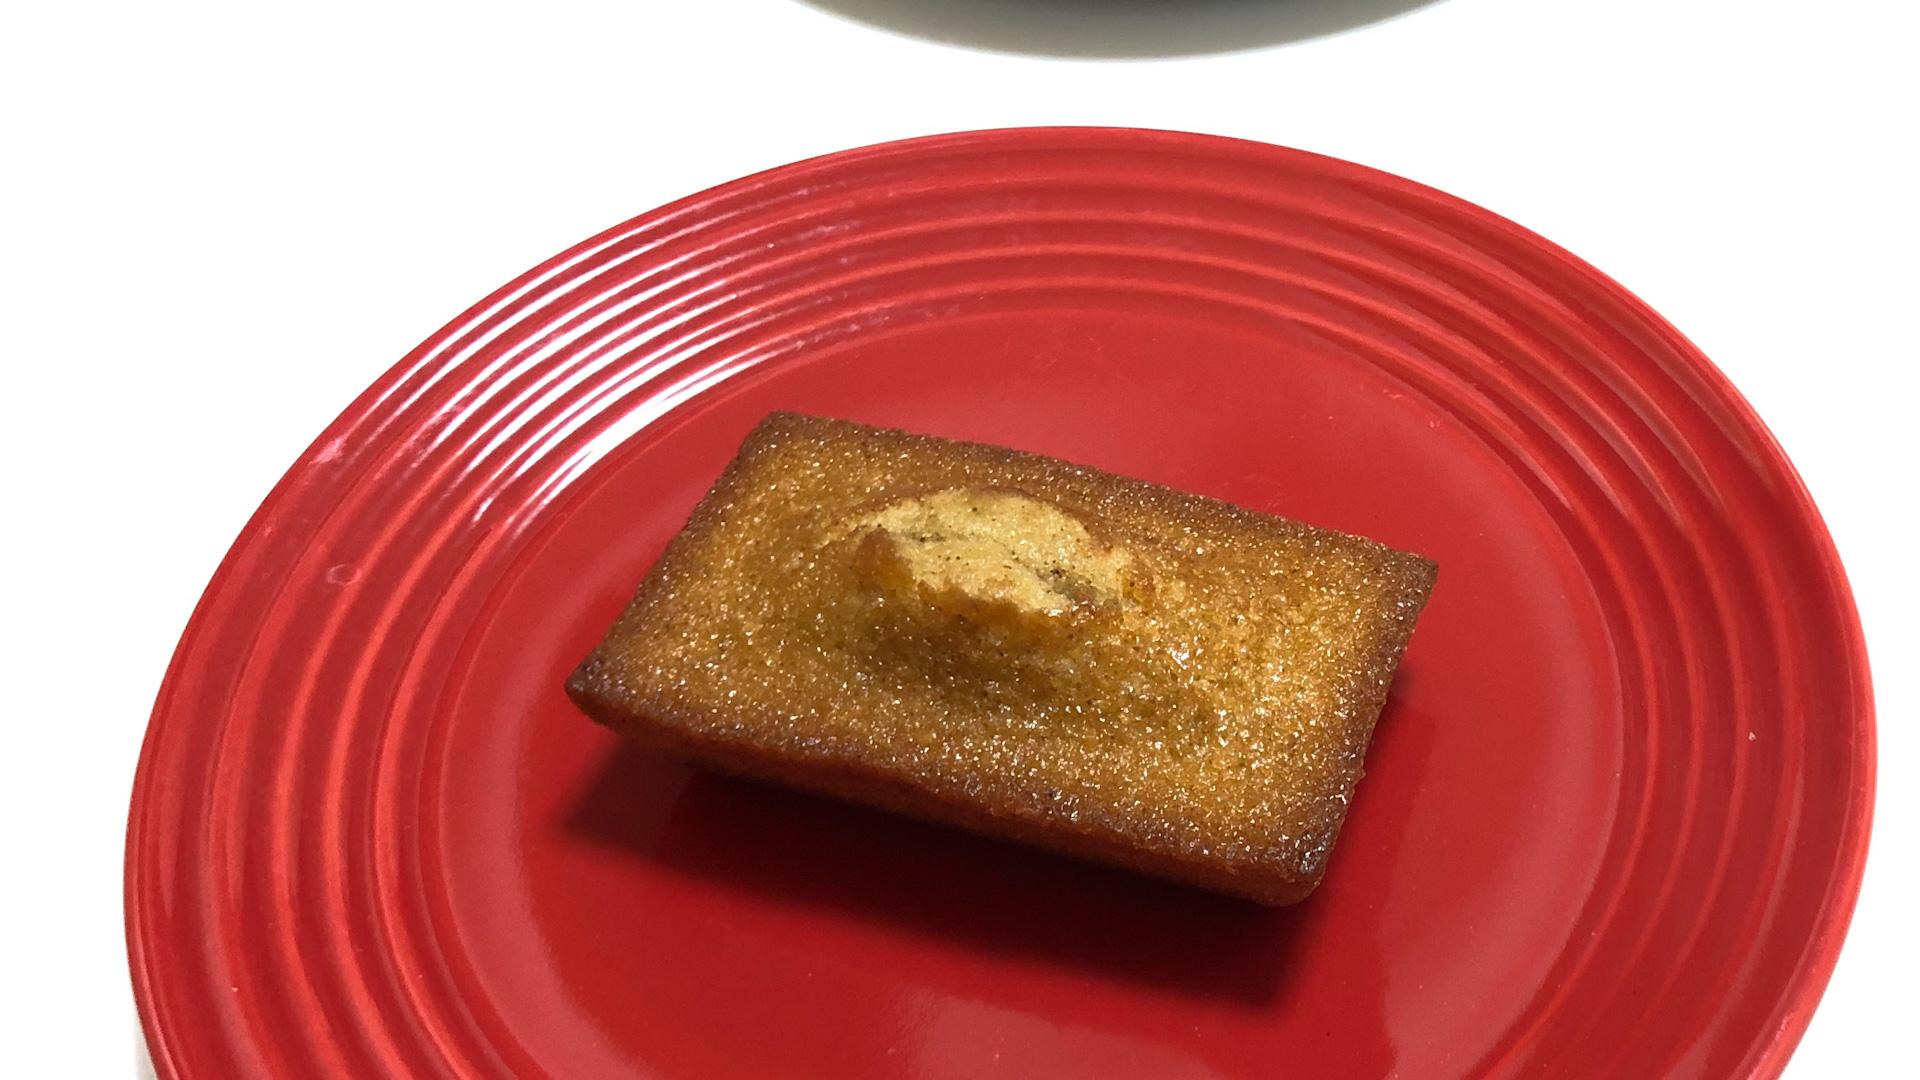 【辻口シェフのケーキ屋さん】モンサンクレールのメープルフィナンシェは手土産にぴったり!